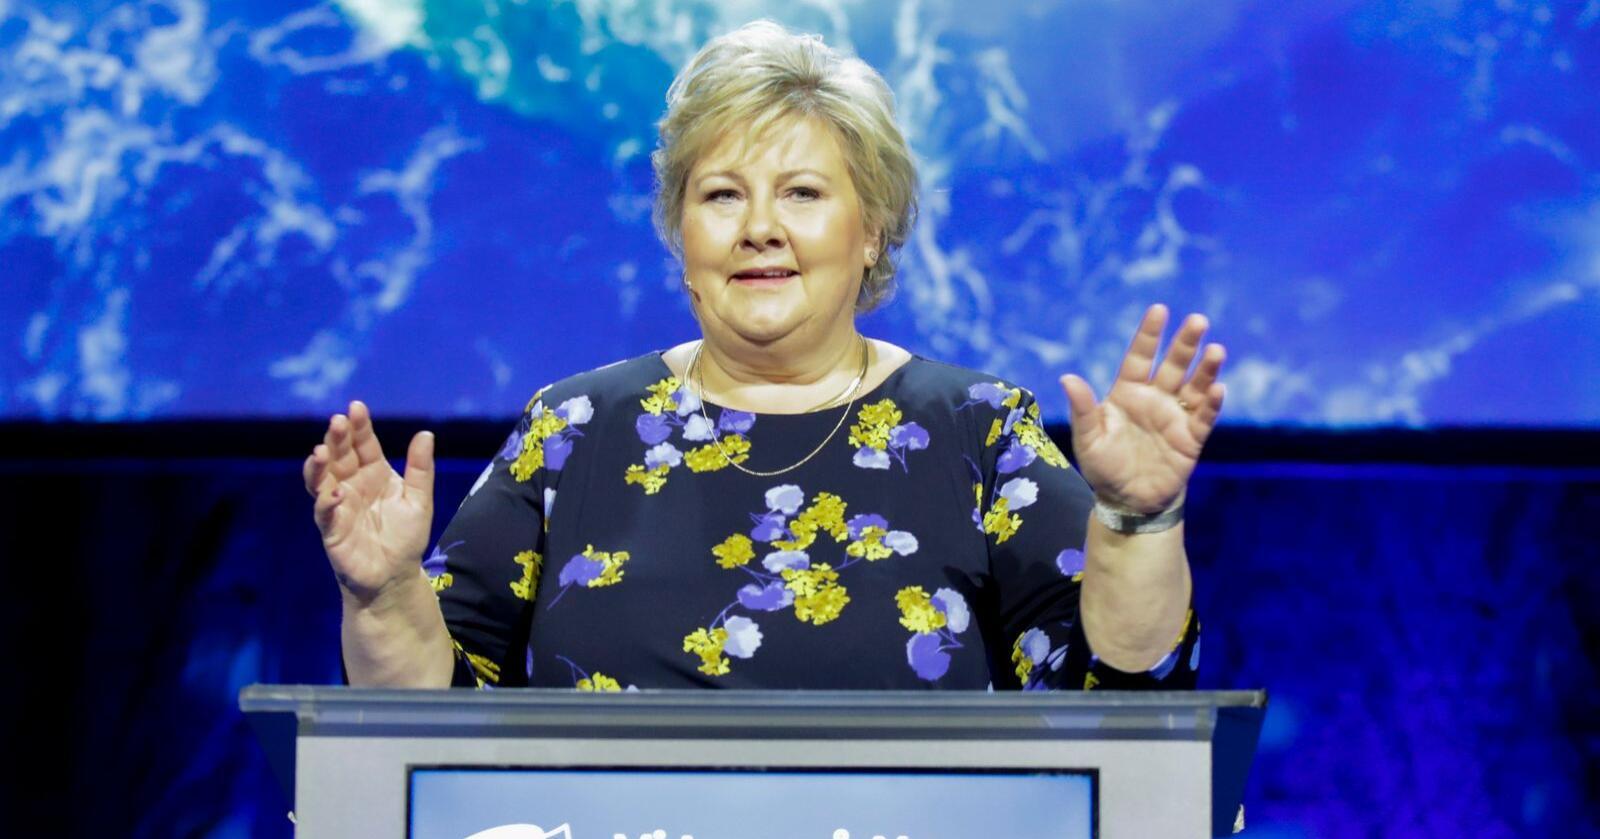 Statsminister Erna Solberg på talerstolen under Høyre  sitt landsmøte på Gardermoen. Foto: Vidar Ruud / NTB scanpix